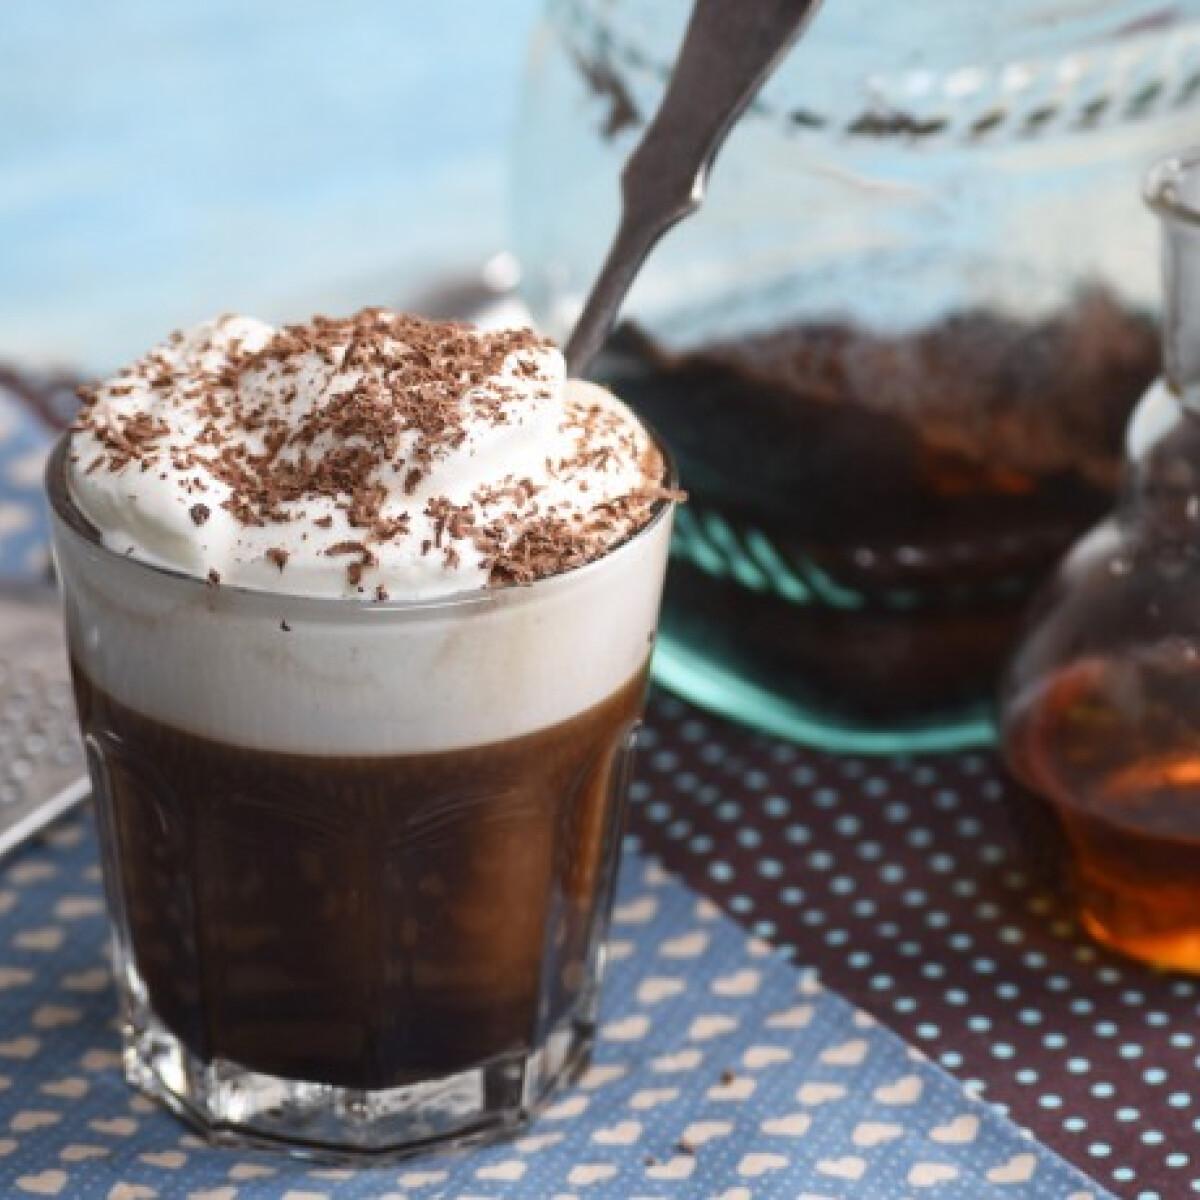 Ezen a képen: Ír kávé